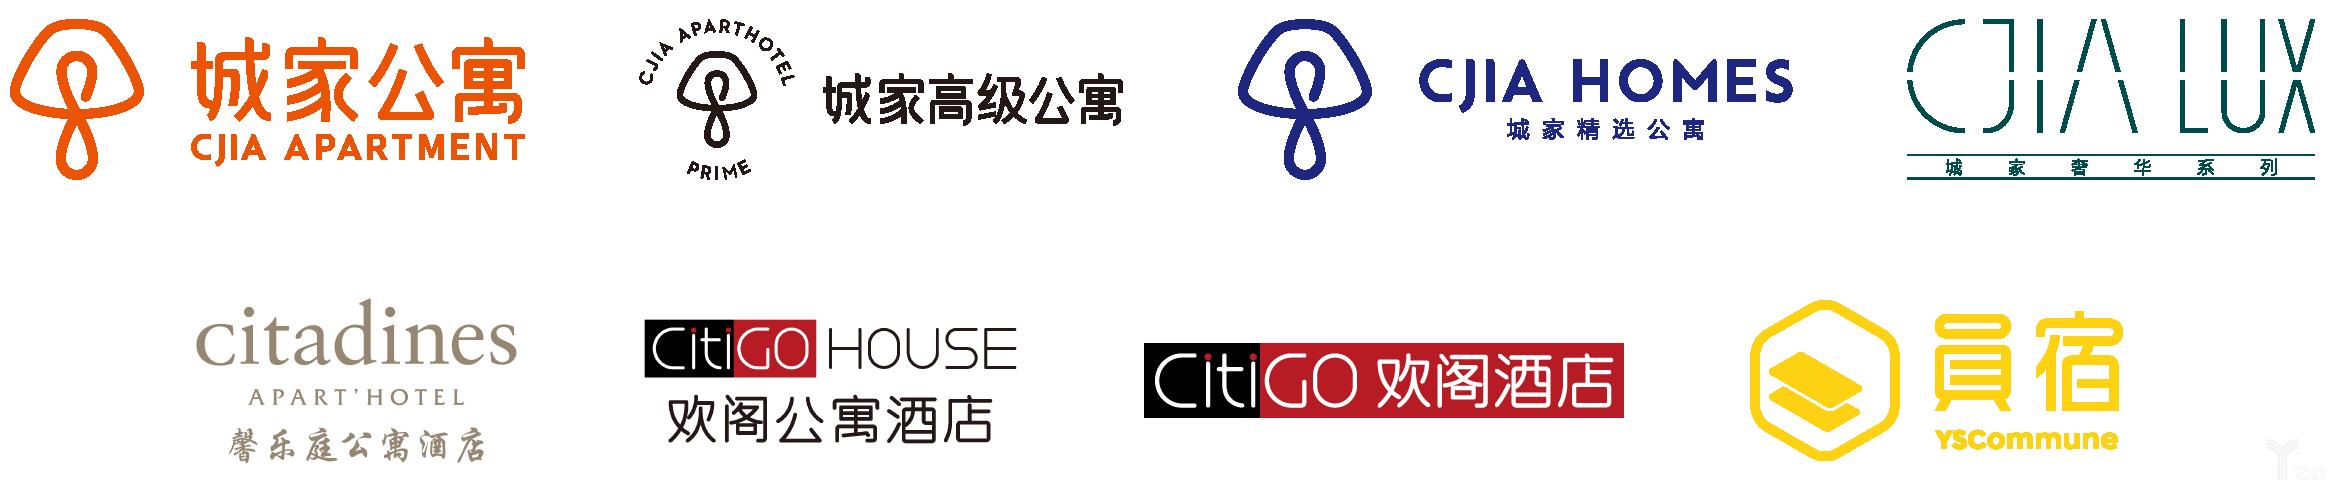 产品线logo组合-01.png